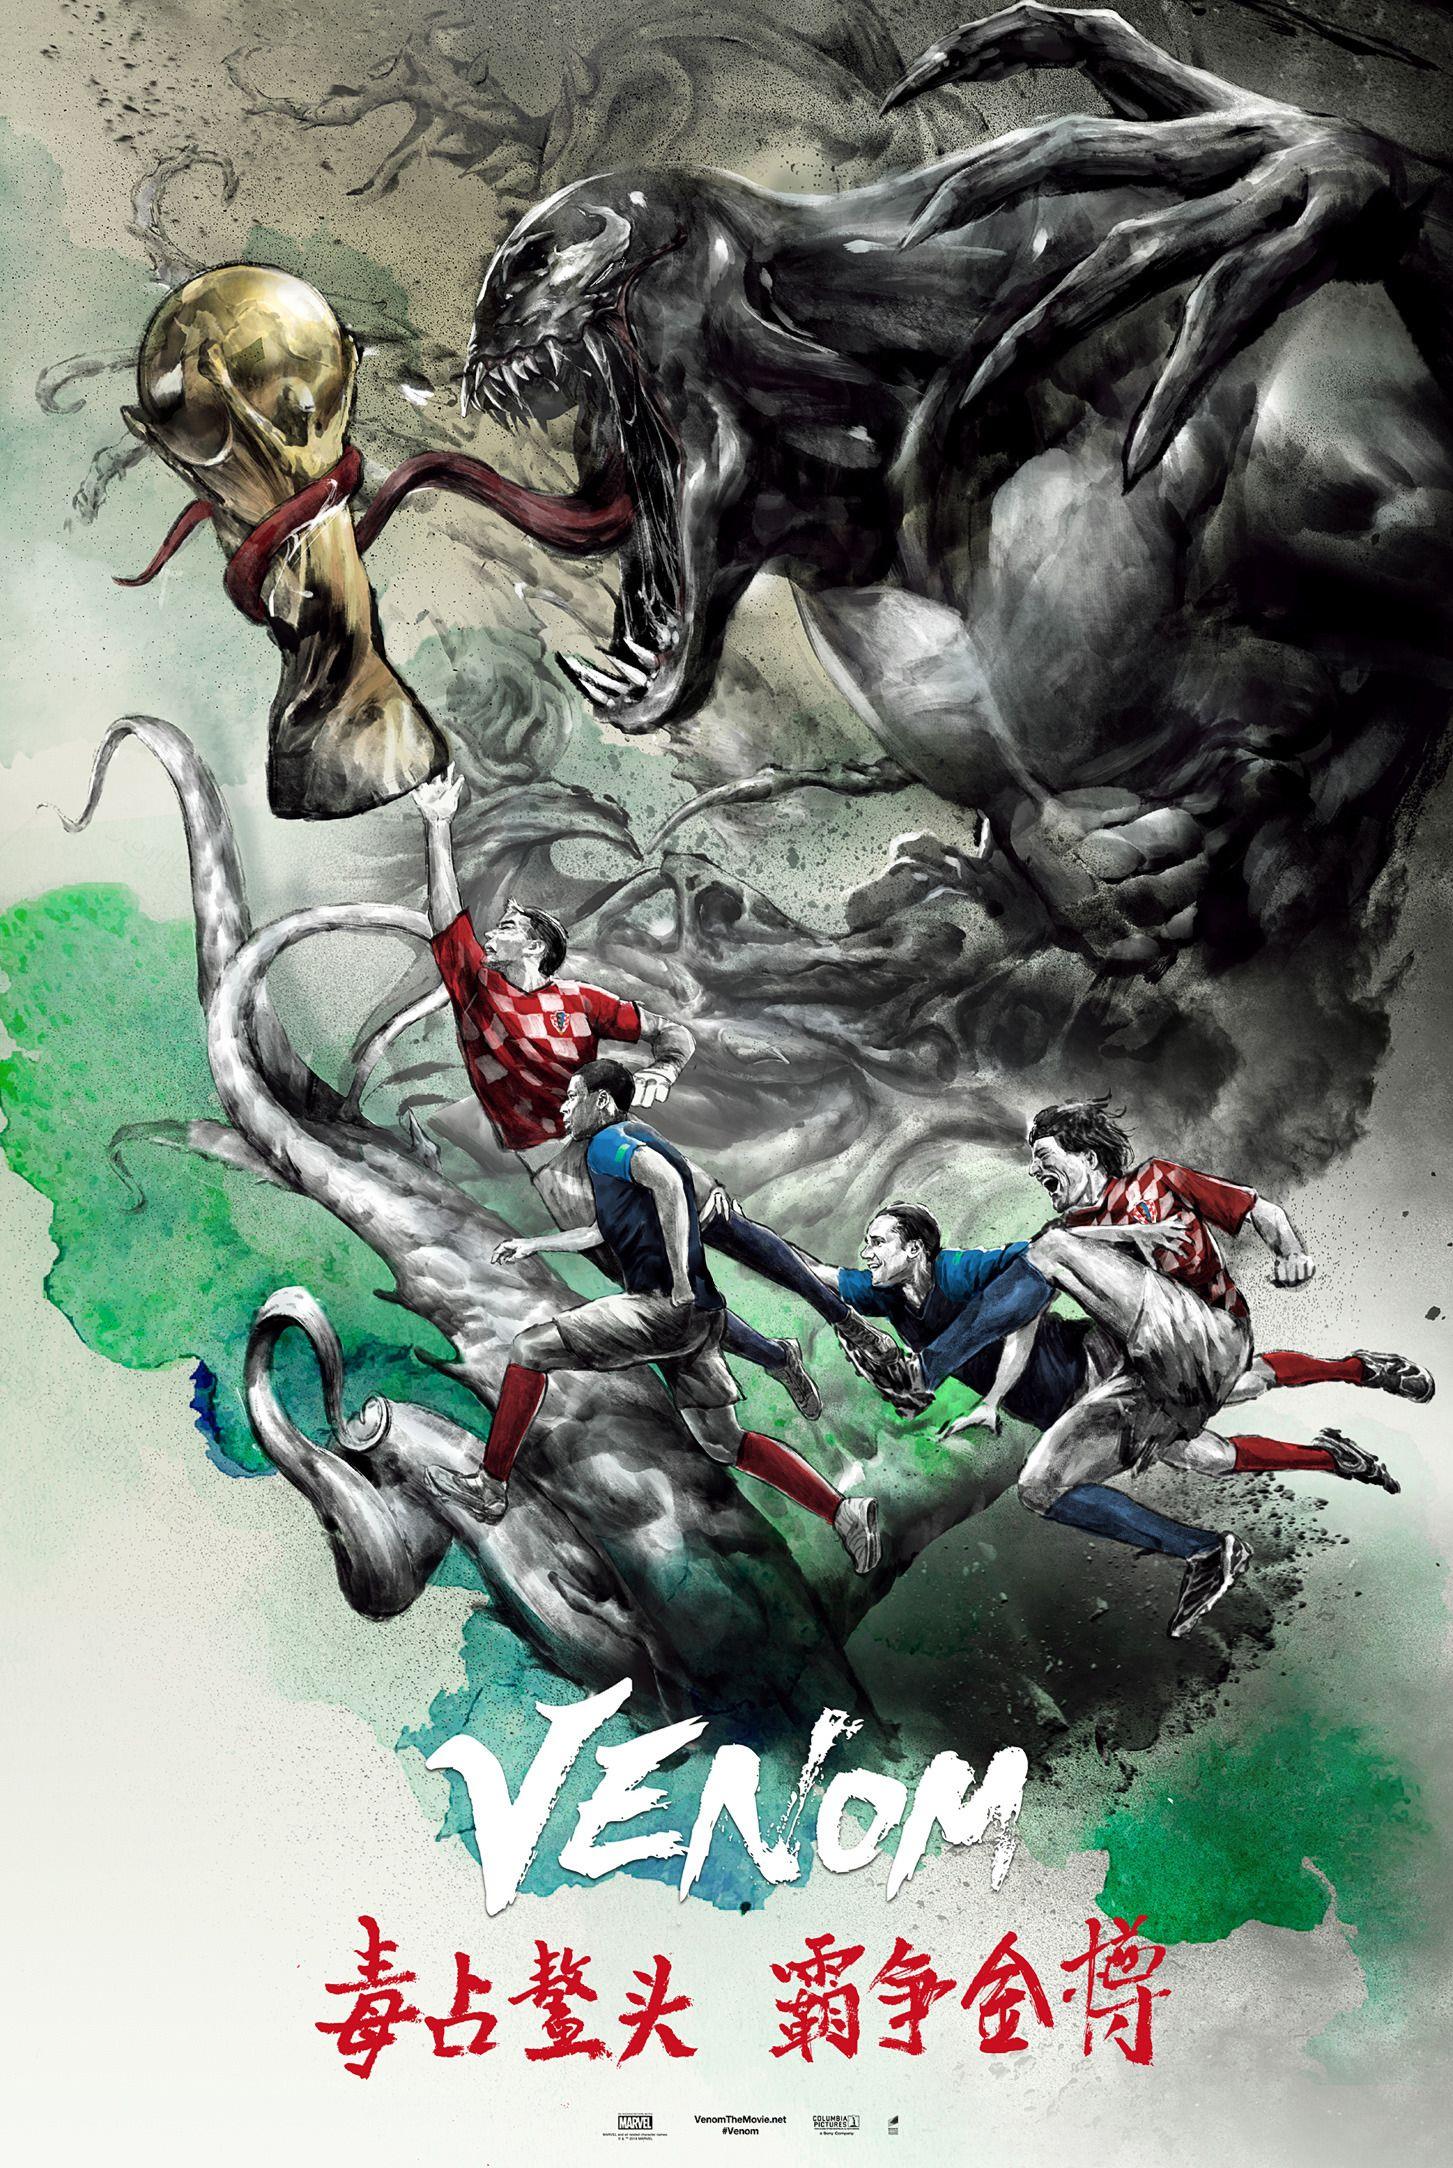 Pin by Yılmaz on Movie Venom movie, Movie posters, New